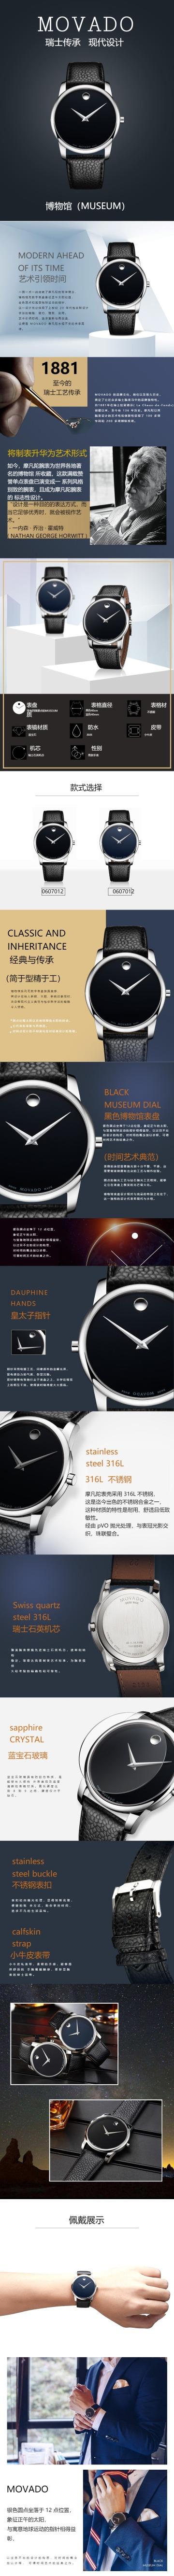 时尚经典手表电商详情图